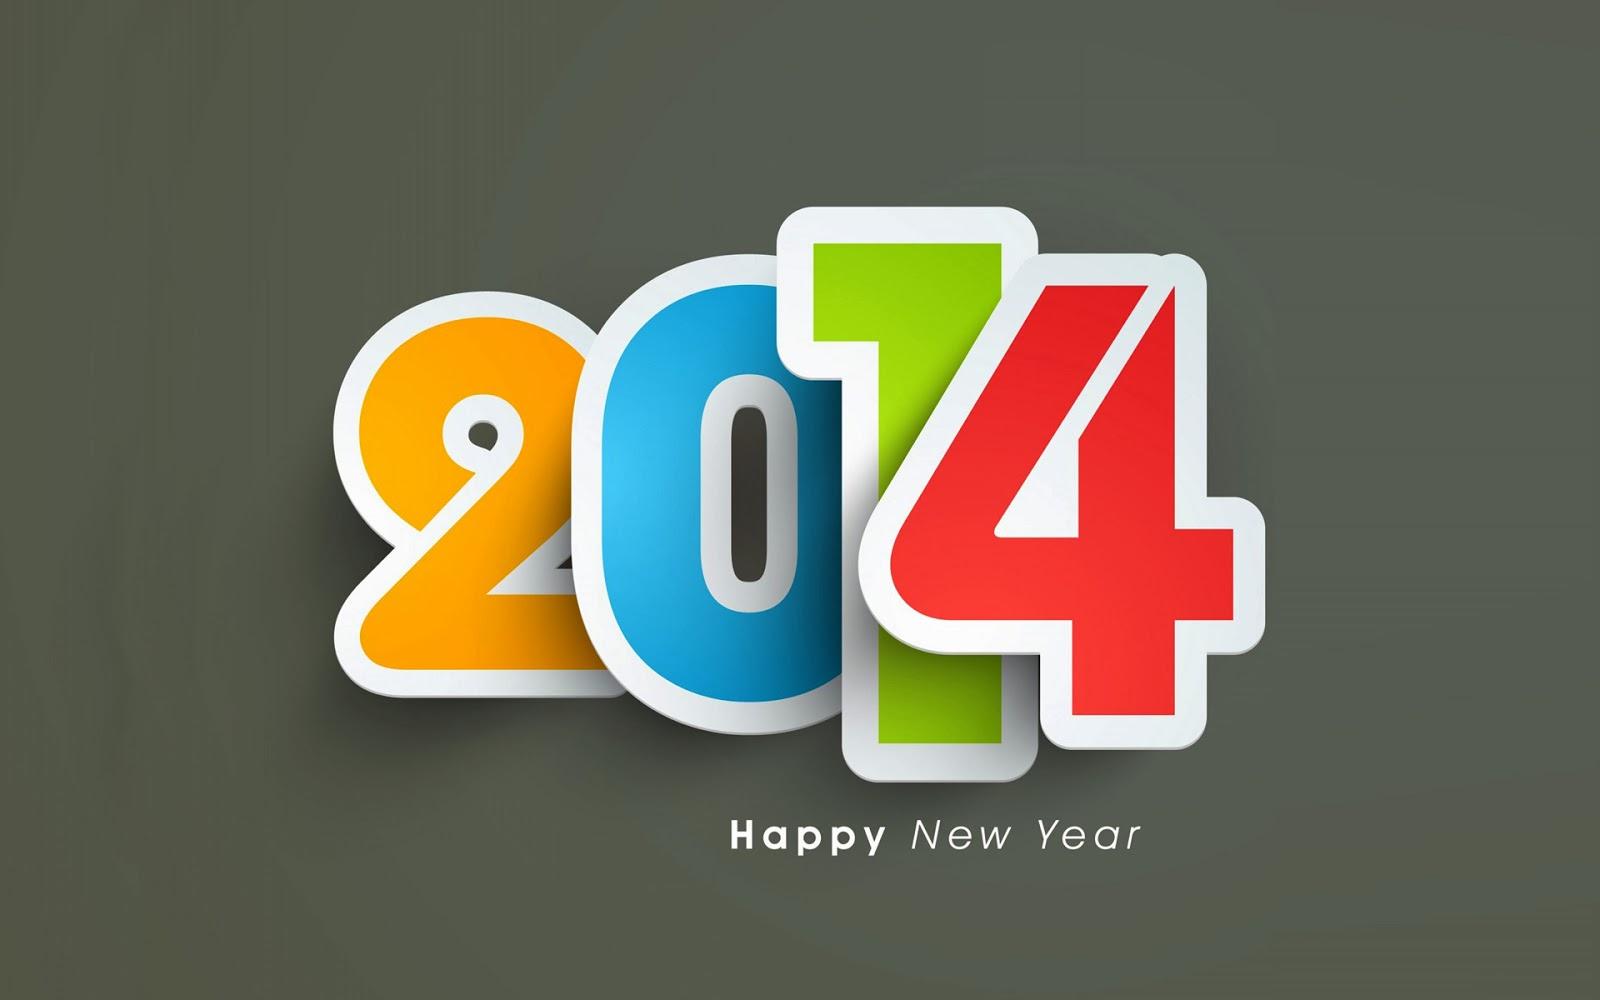 2014-new-year-3d-fresh-wallpaper